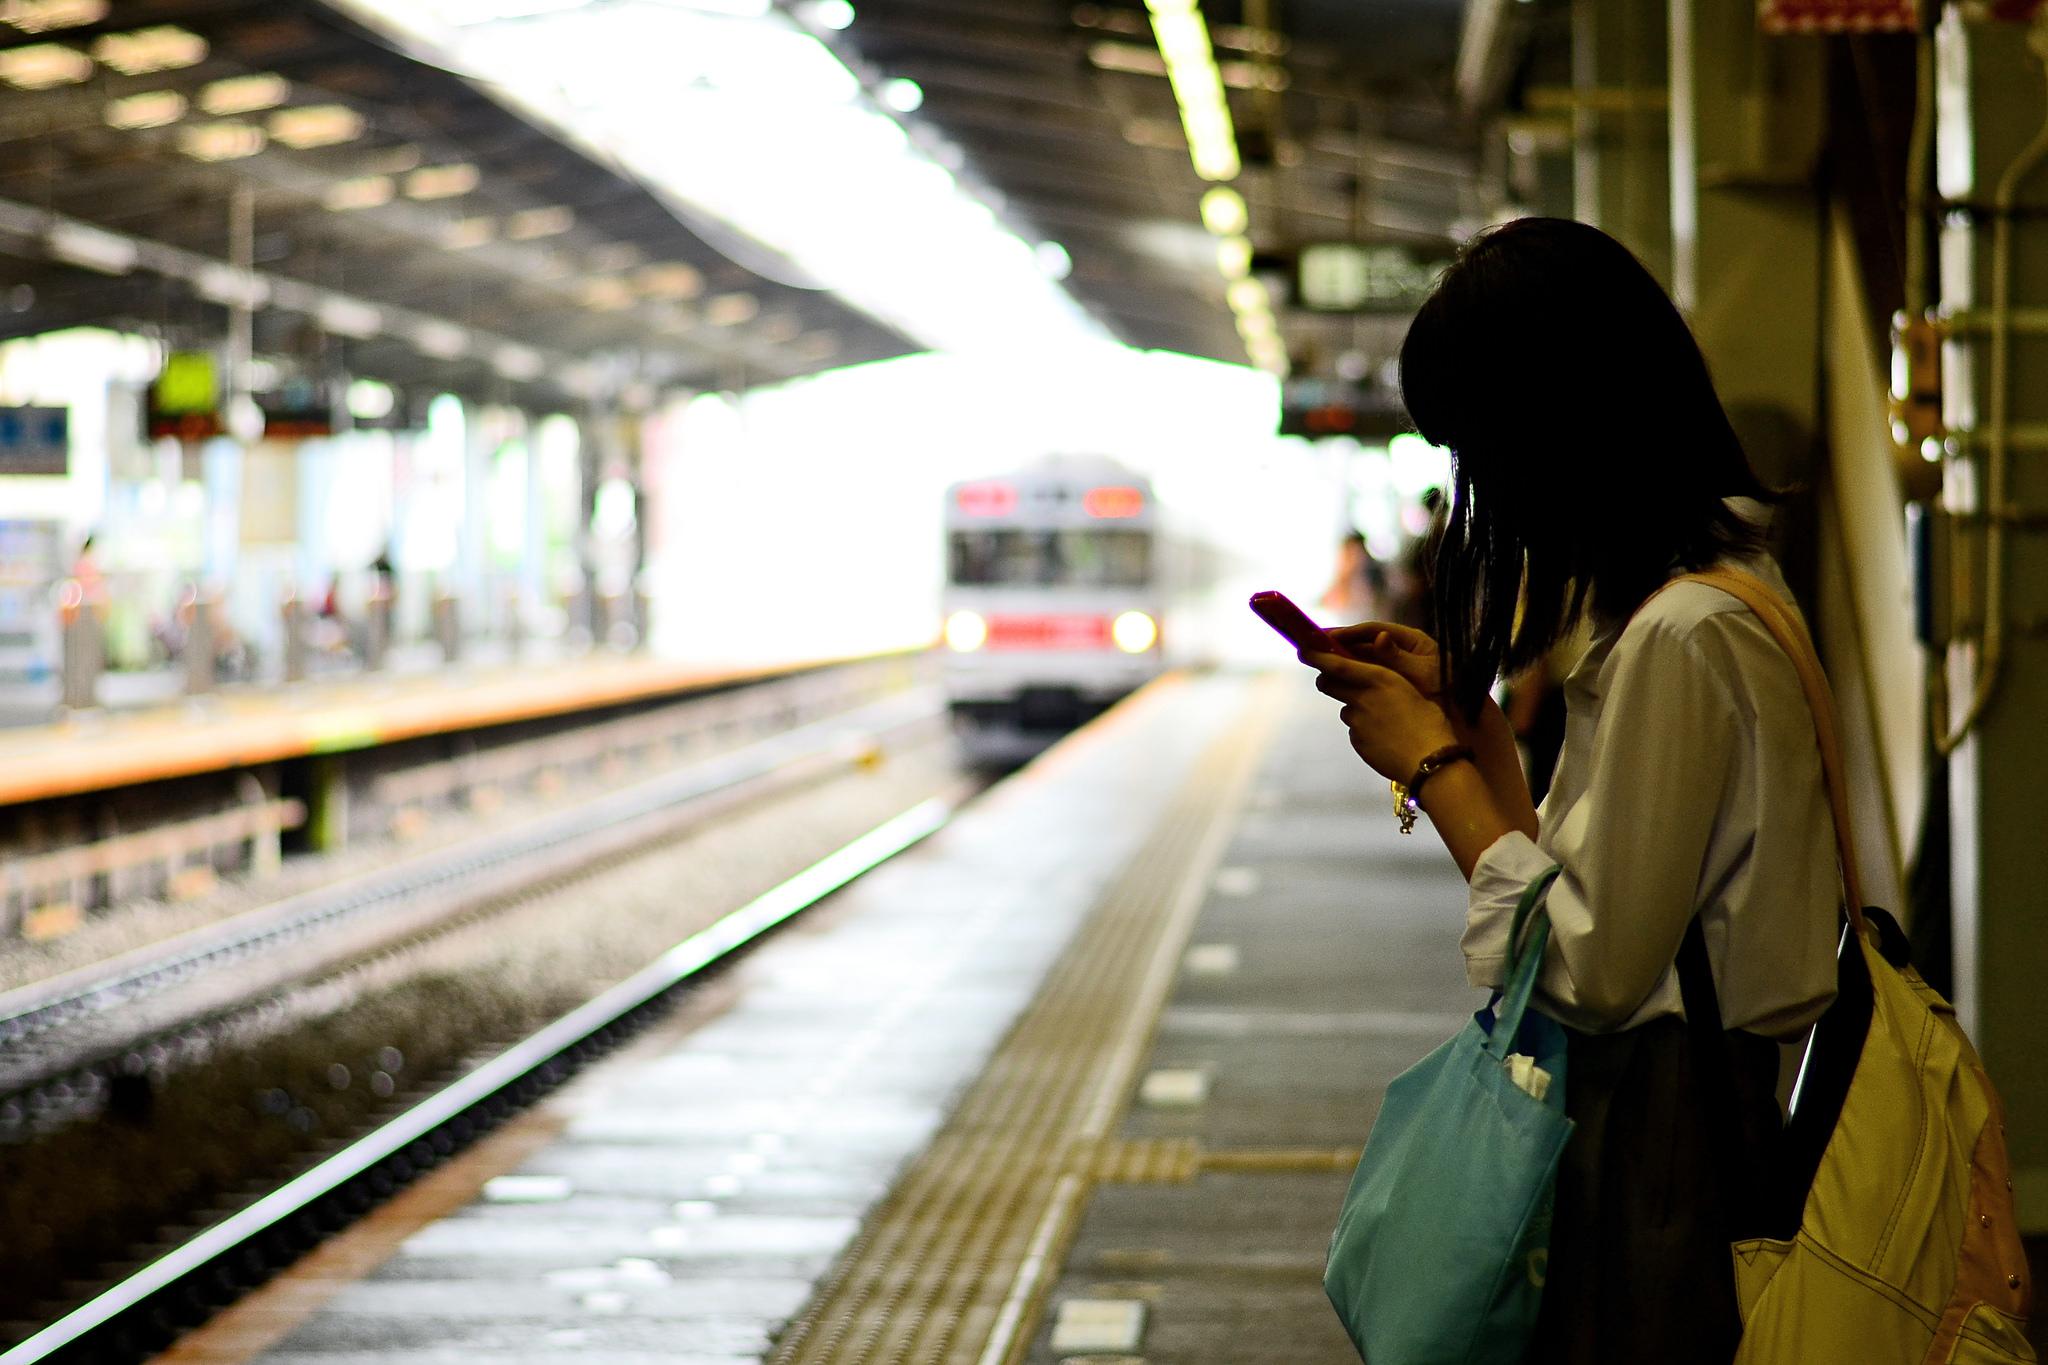 Estação de trem em Yokohama, Japão. Foto: dakiny @ Flickr.